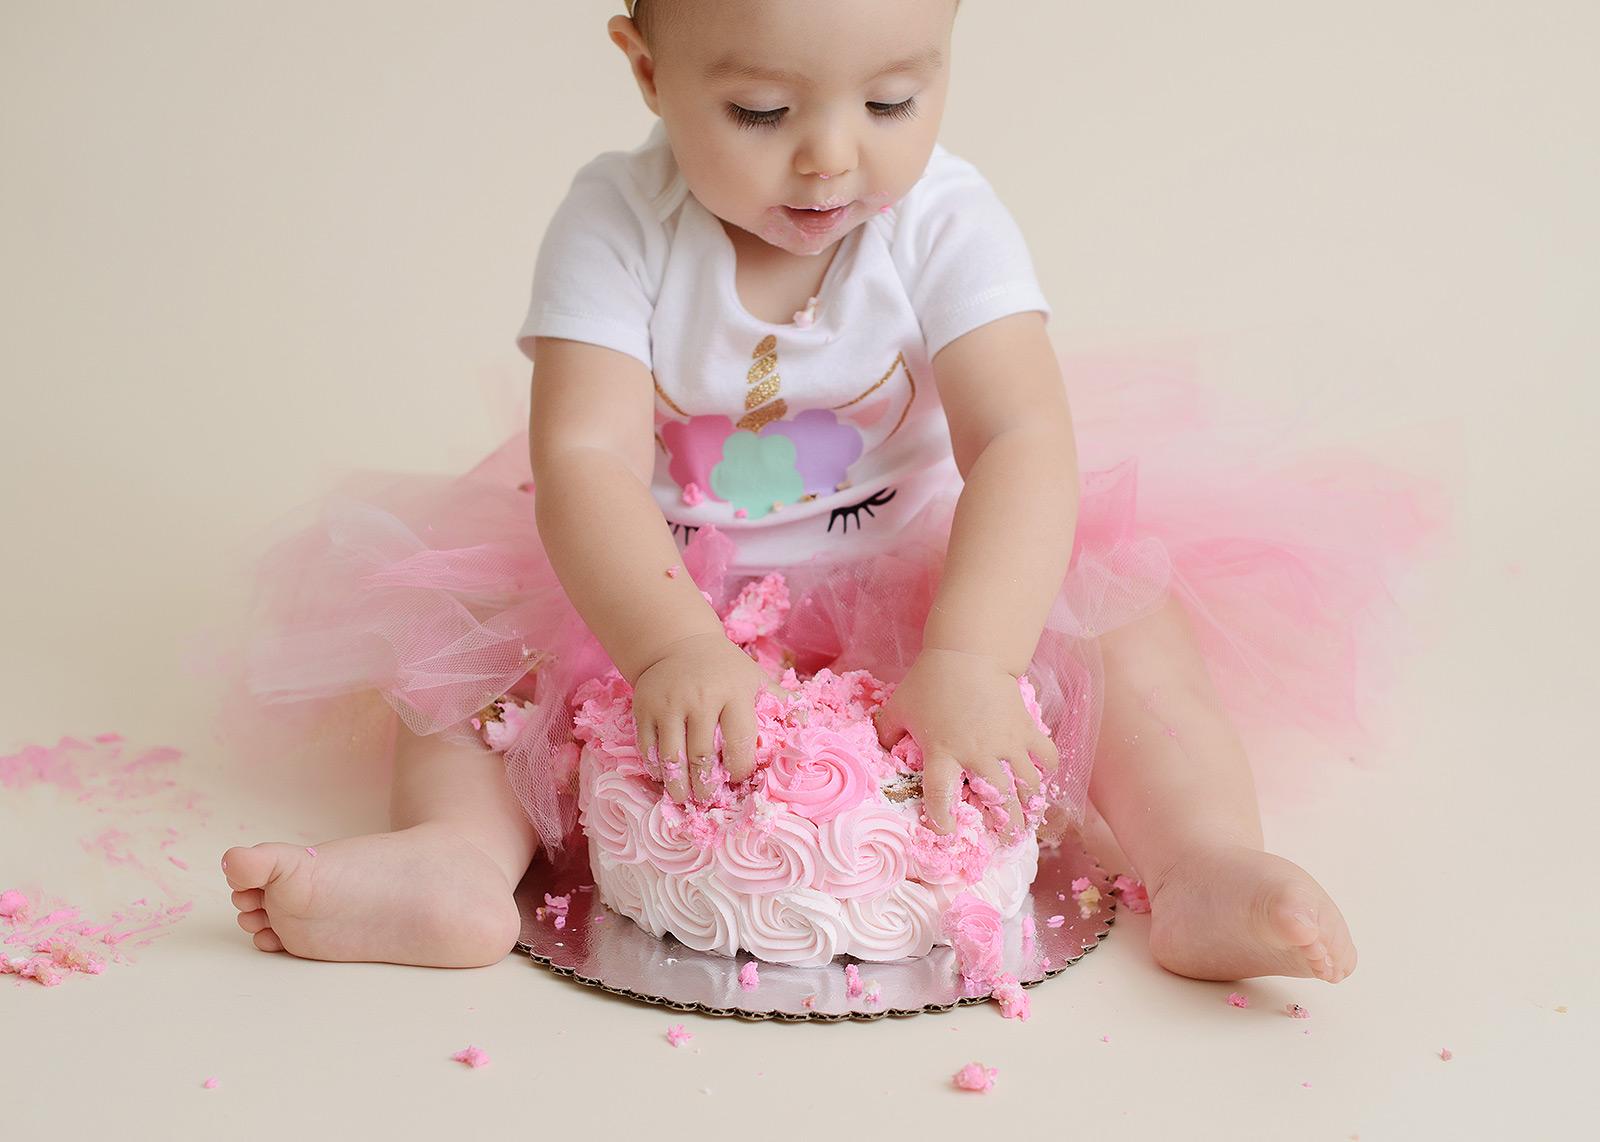 Baby Girl Pink Cake Smash in Tutu